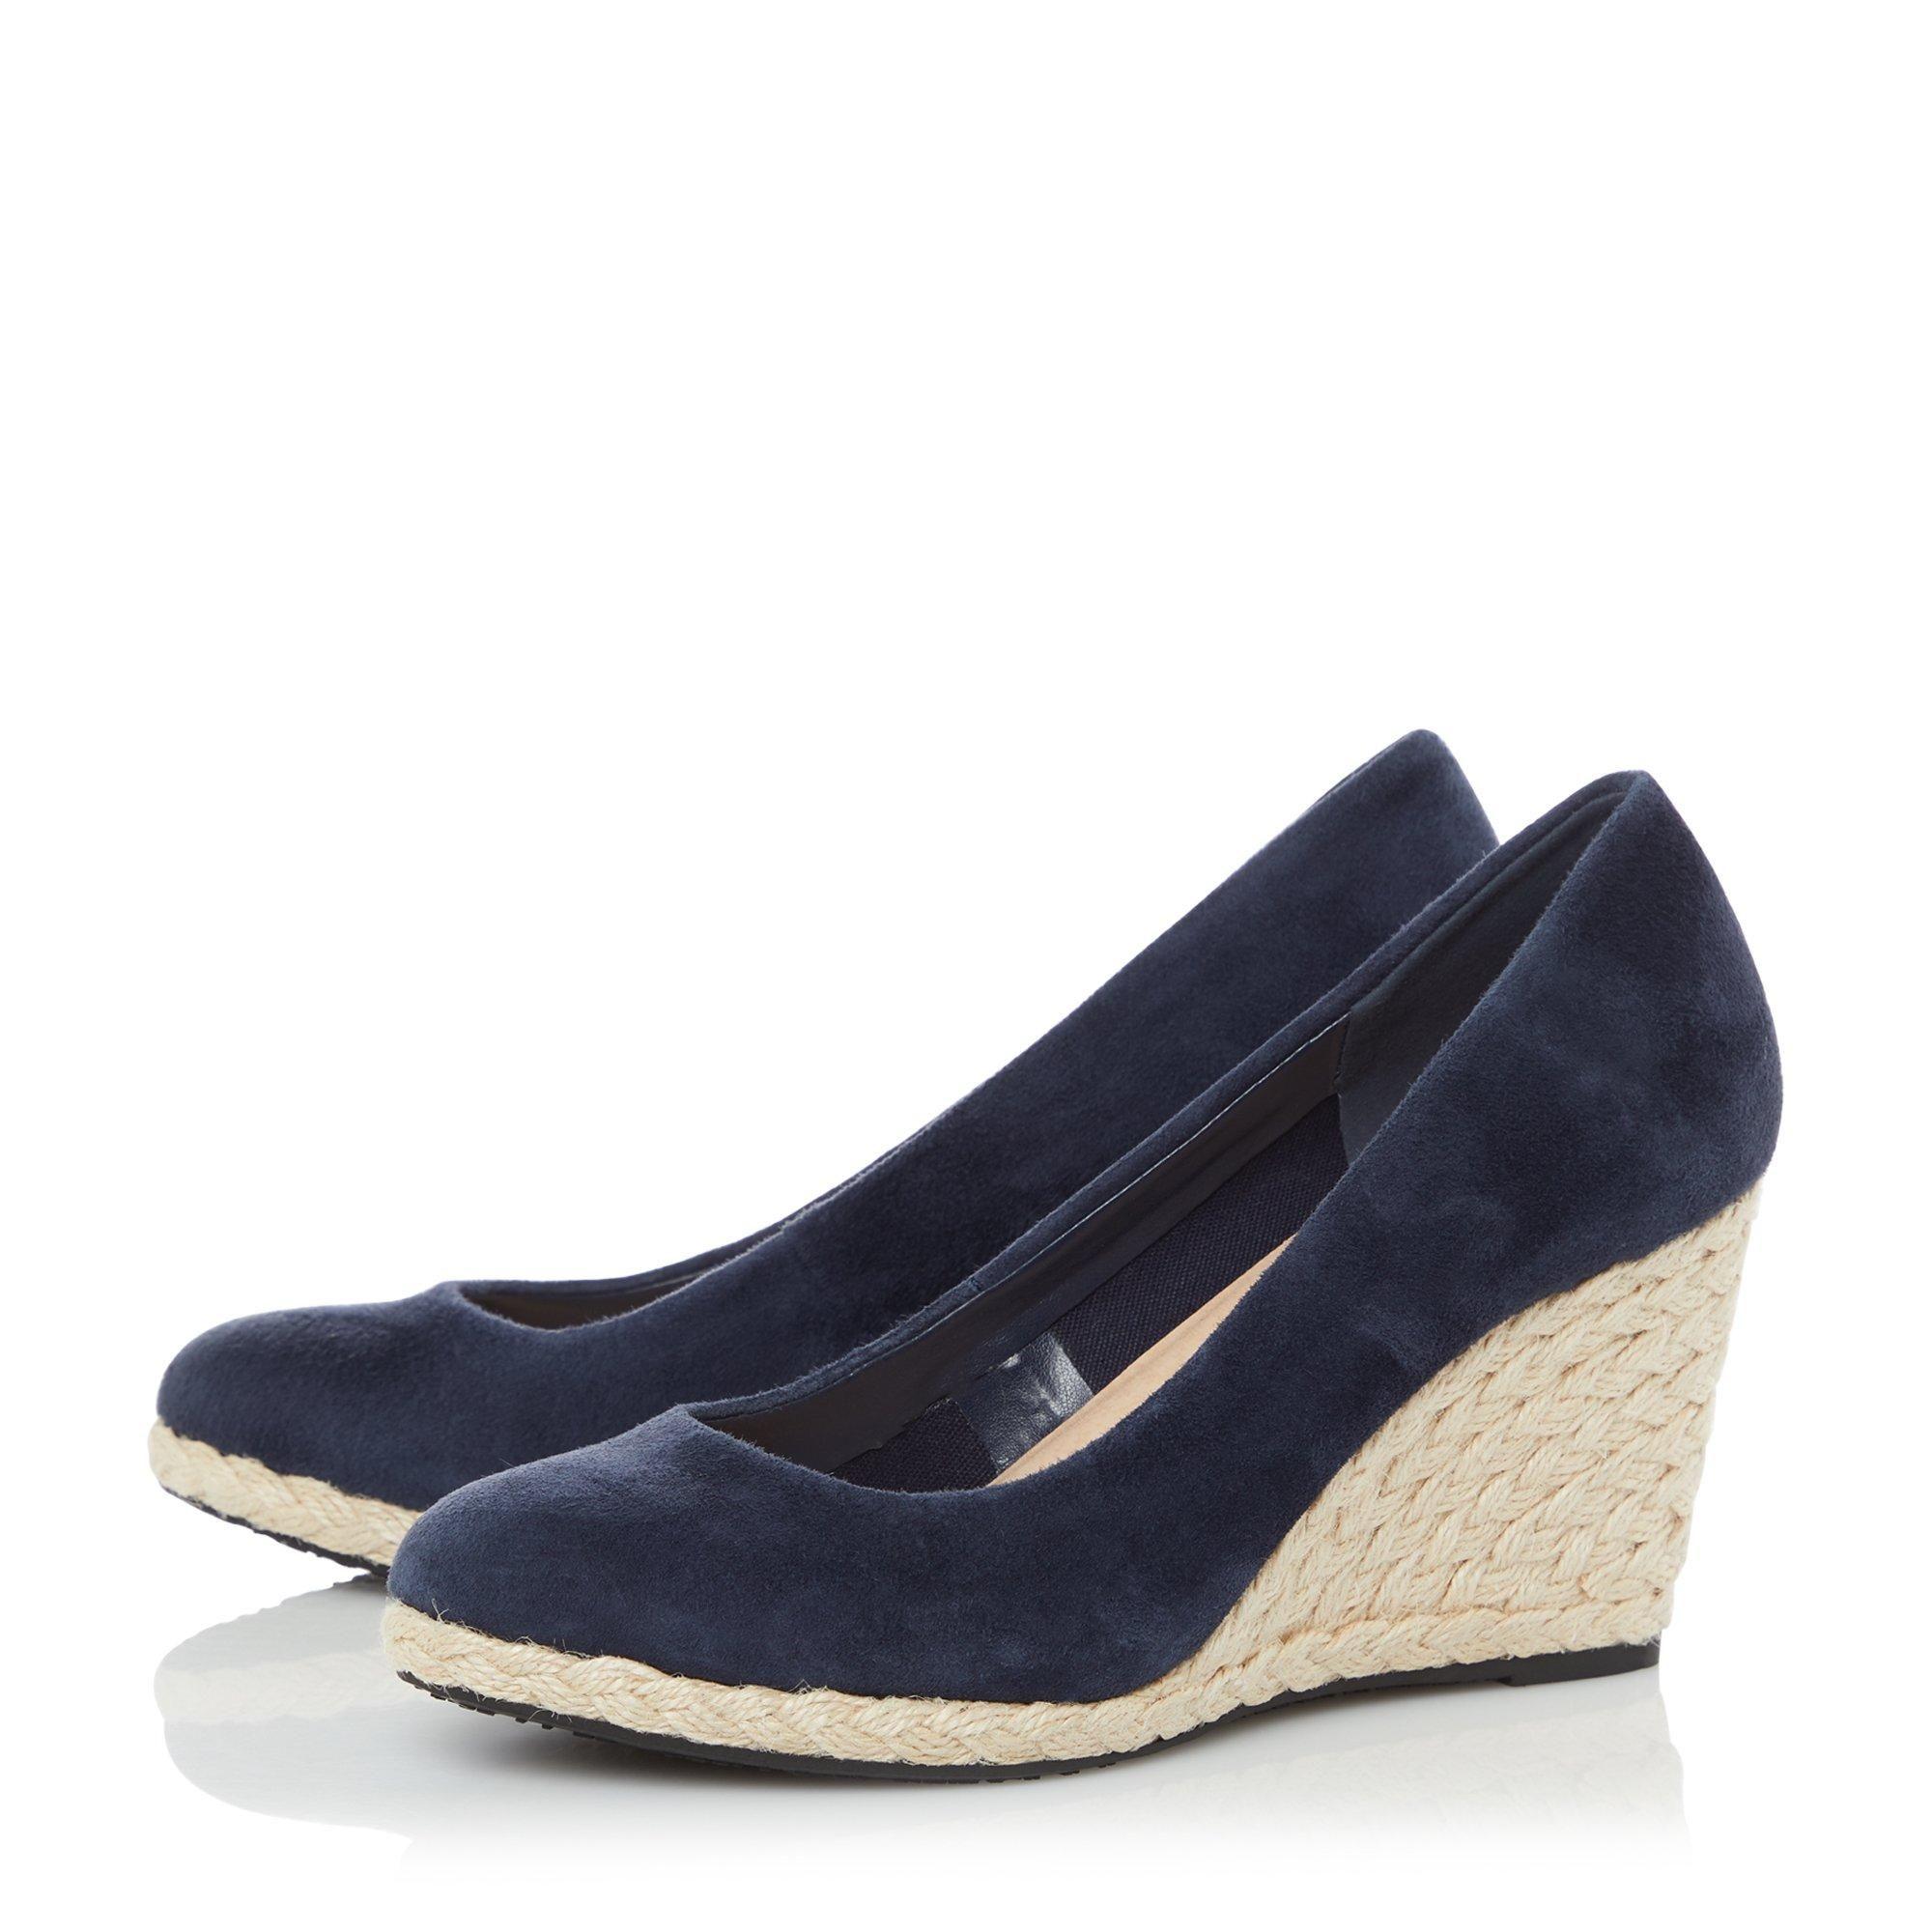 Dune Ladies ANNABELS Wedge Heel Espadrille Shoes